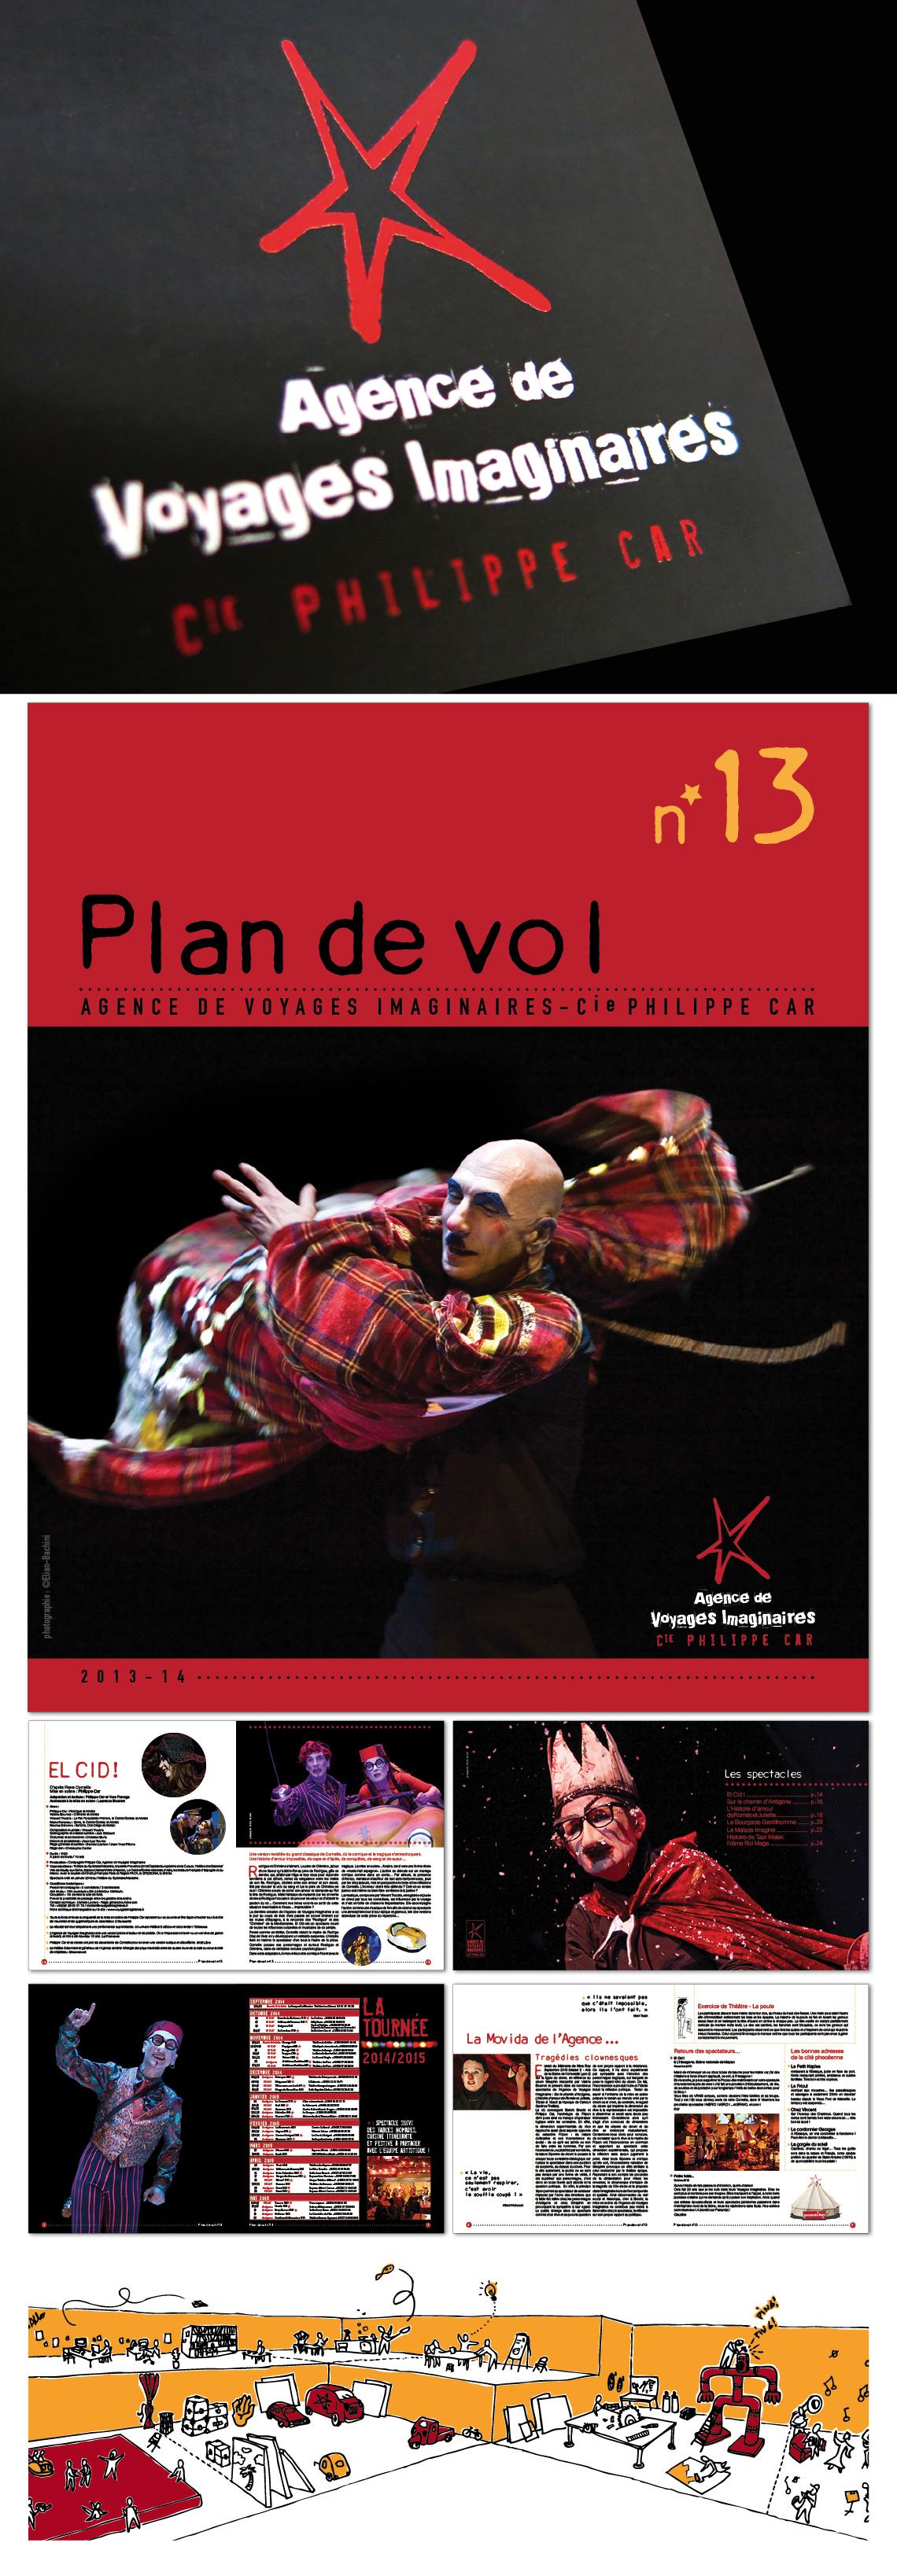 L'Agence de Voyage Imaginaire – Compagnie Philippe Car